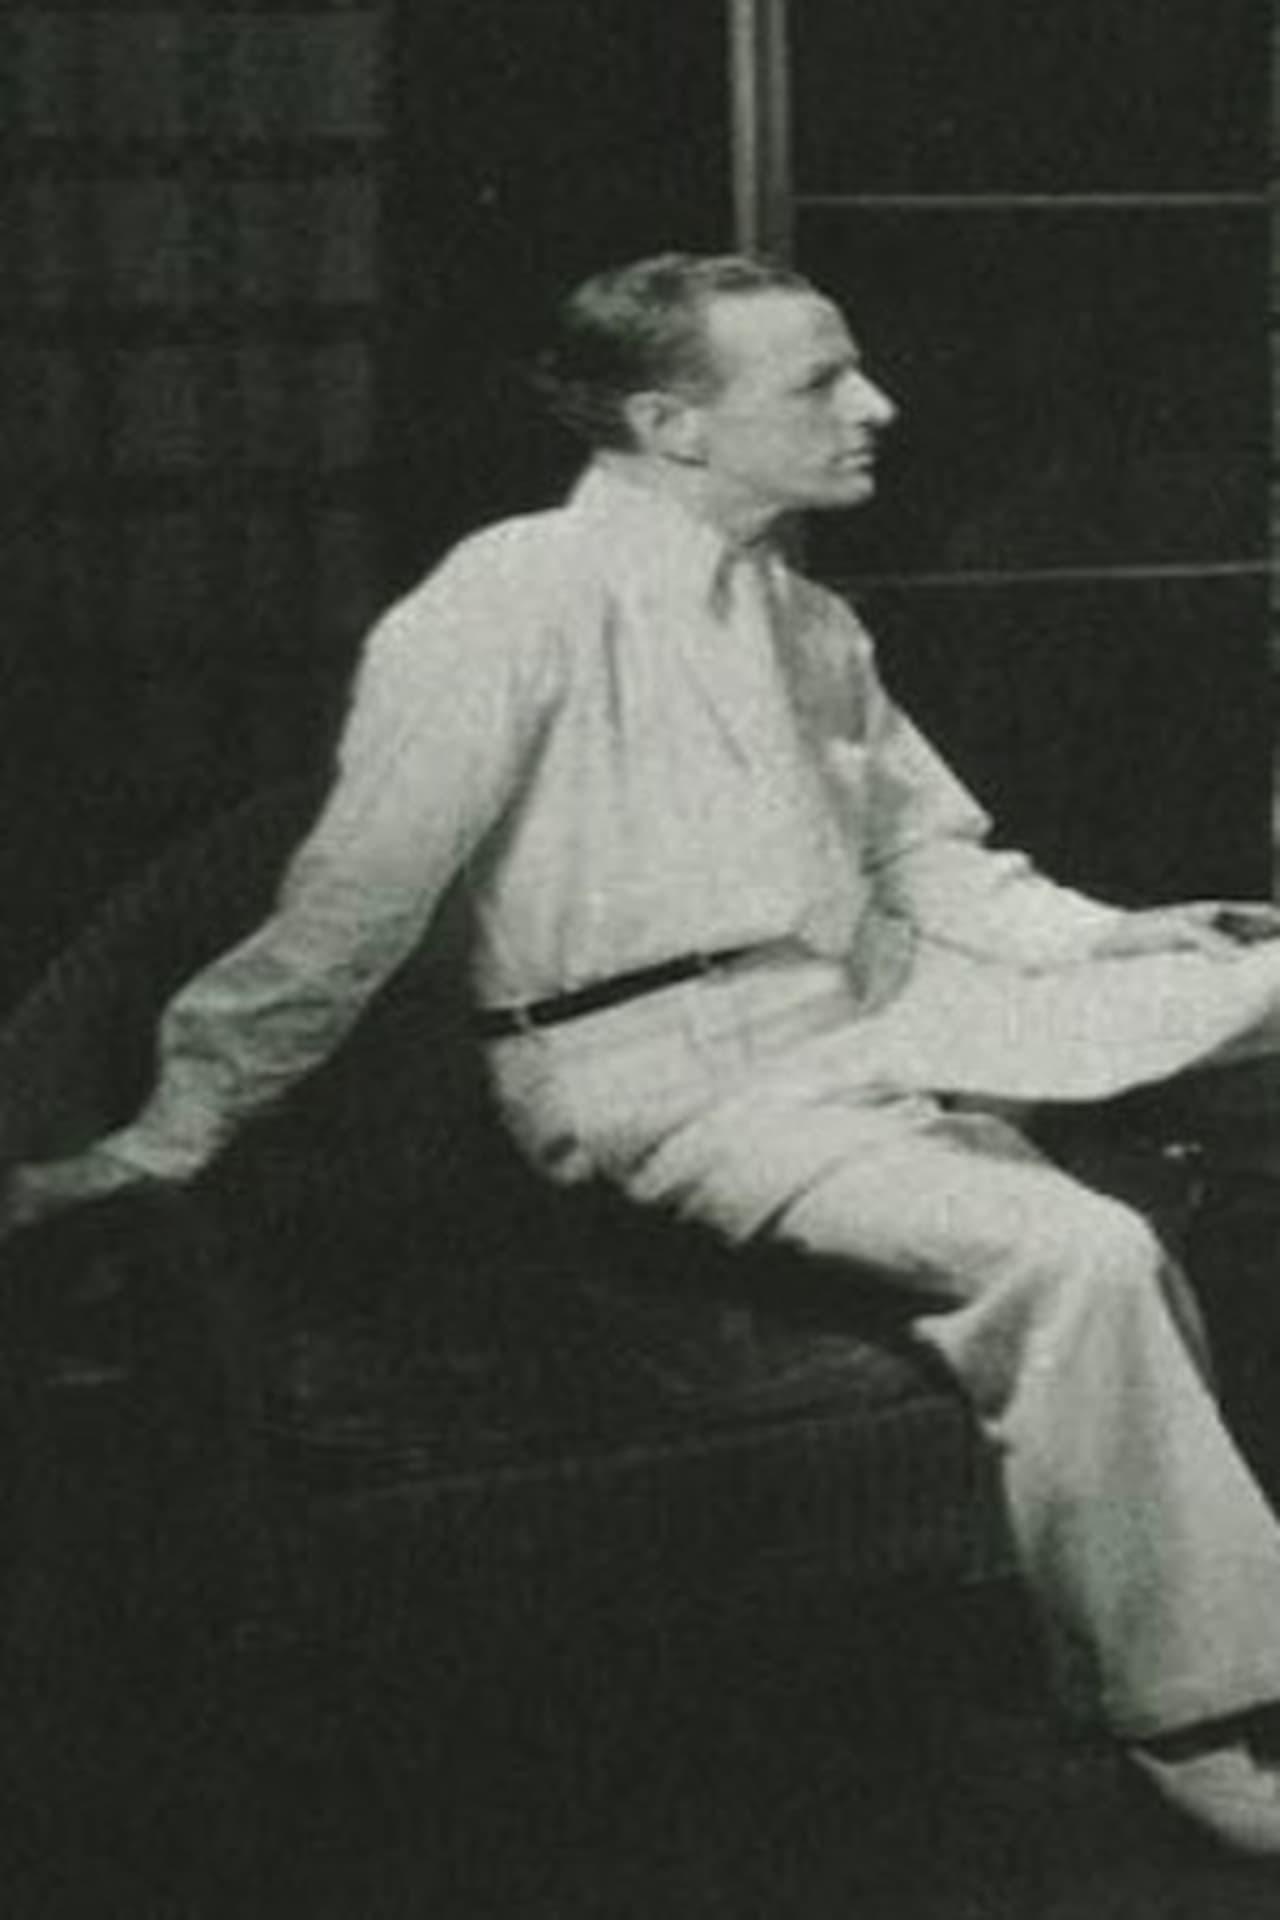 Webb Smith